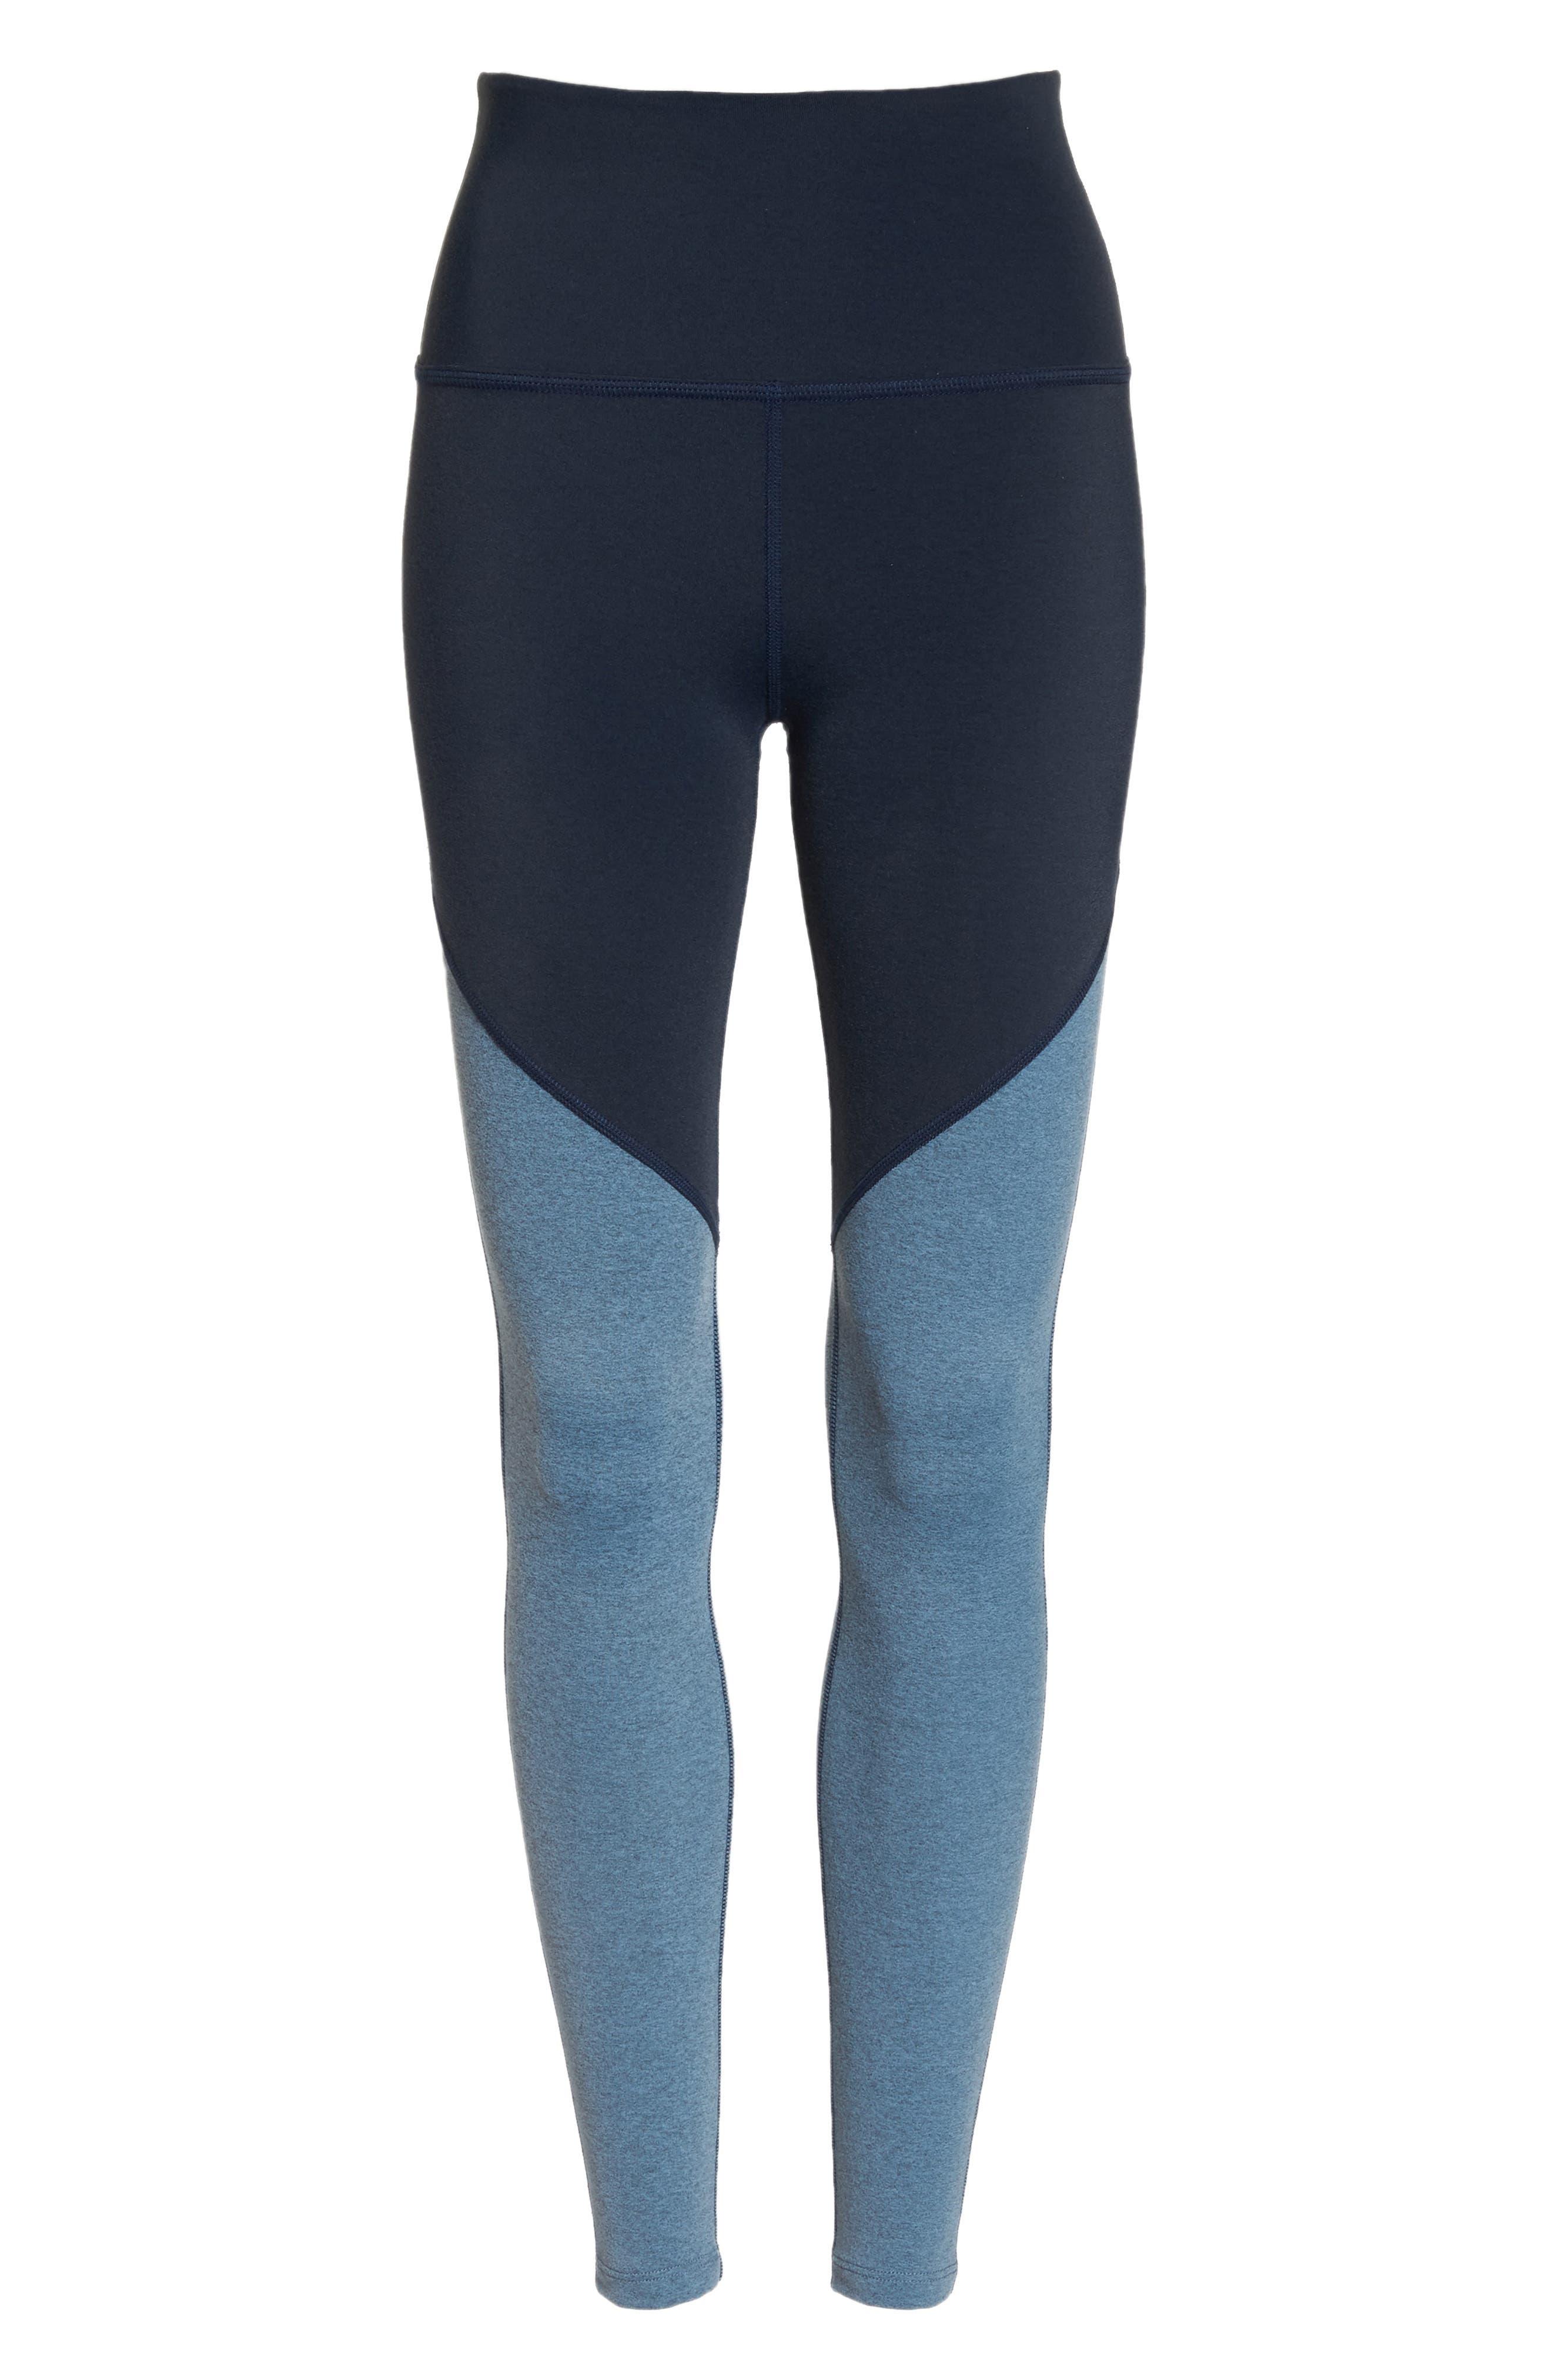 Angled High Waist Leggings,                             Alternate thumbnail 7, color,                             NOCTURNAL NAVY/ LIGHT BLUE